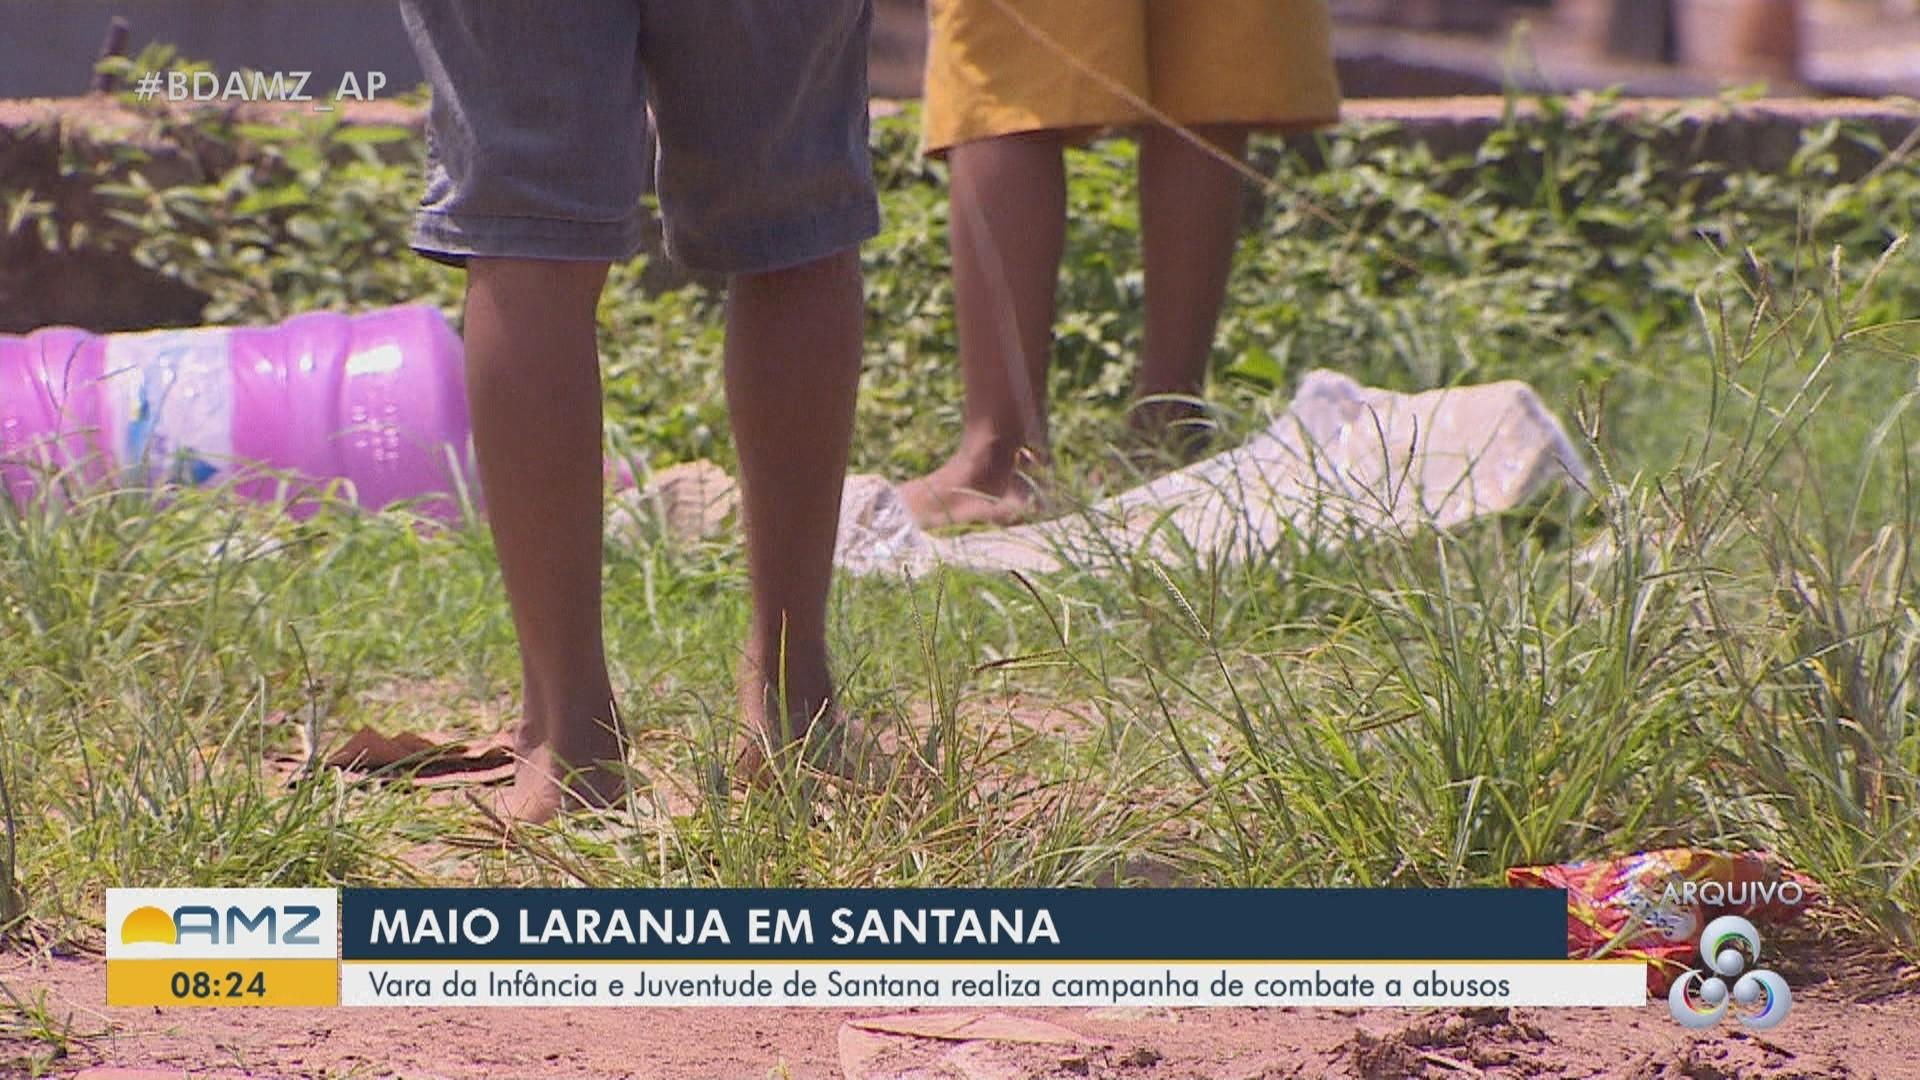 VÍDEOS: Bom Dia Amazônia - AP de segunda-feira, 18 de maio de 2020